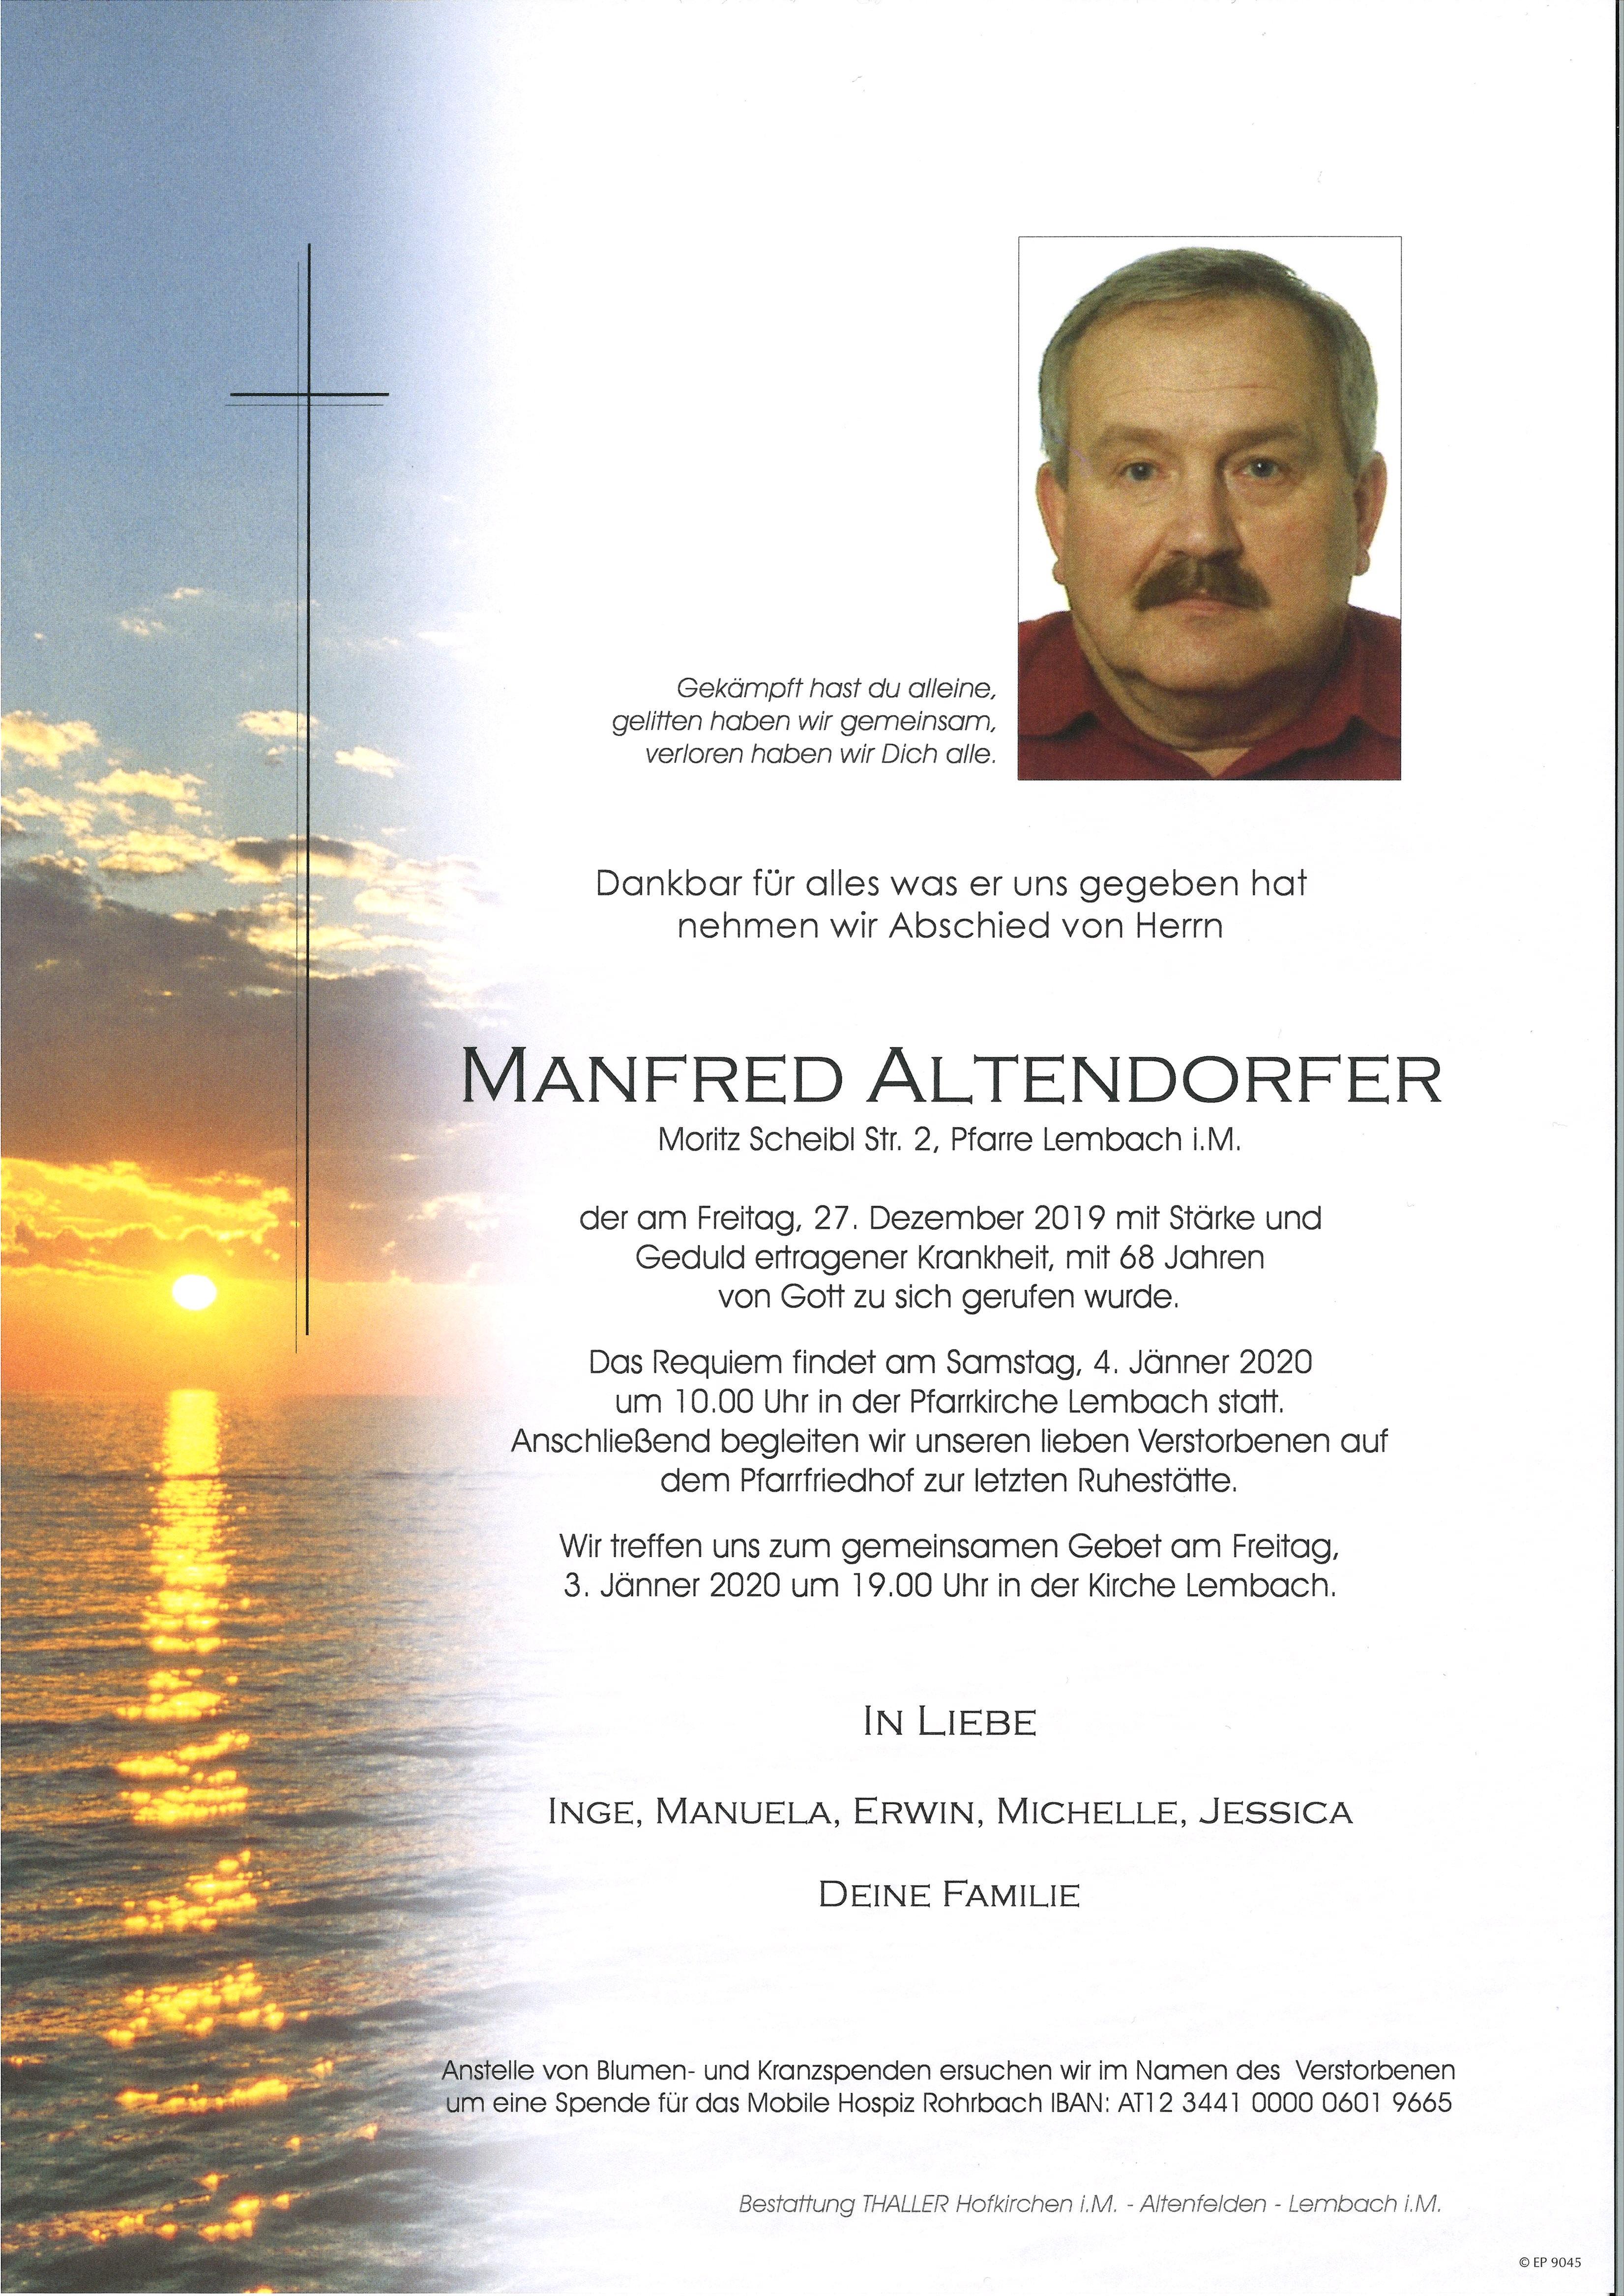 Parten Altendorfer Manfred